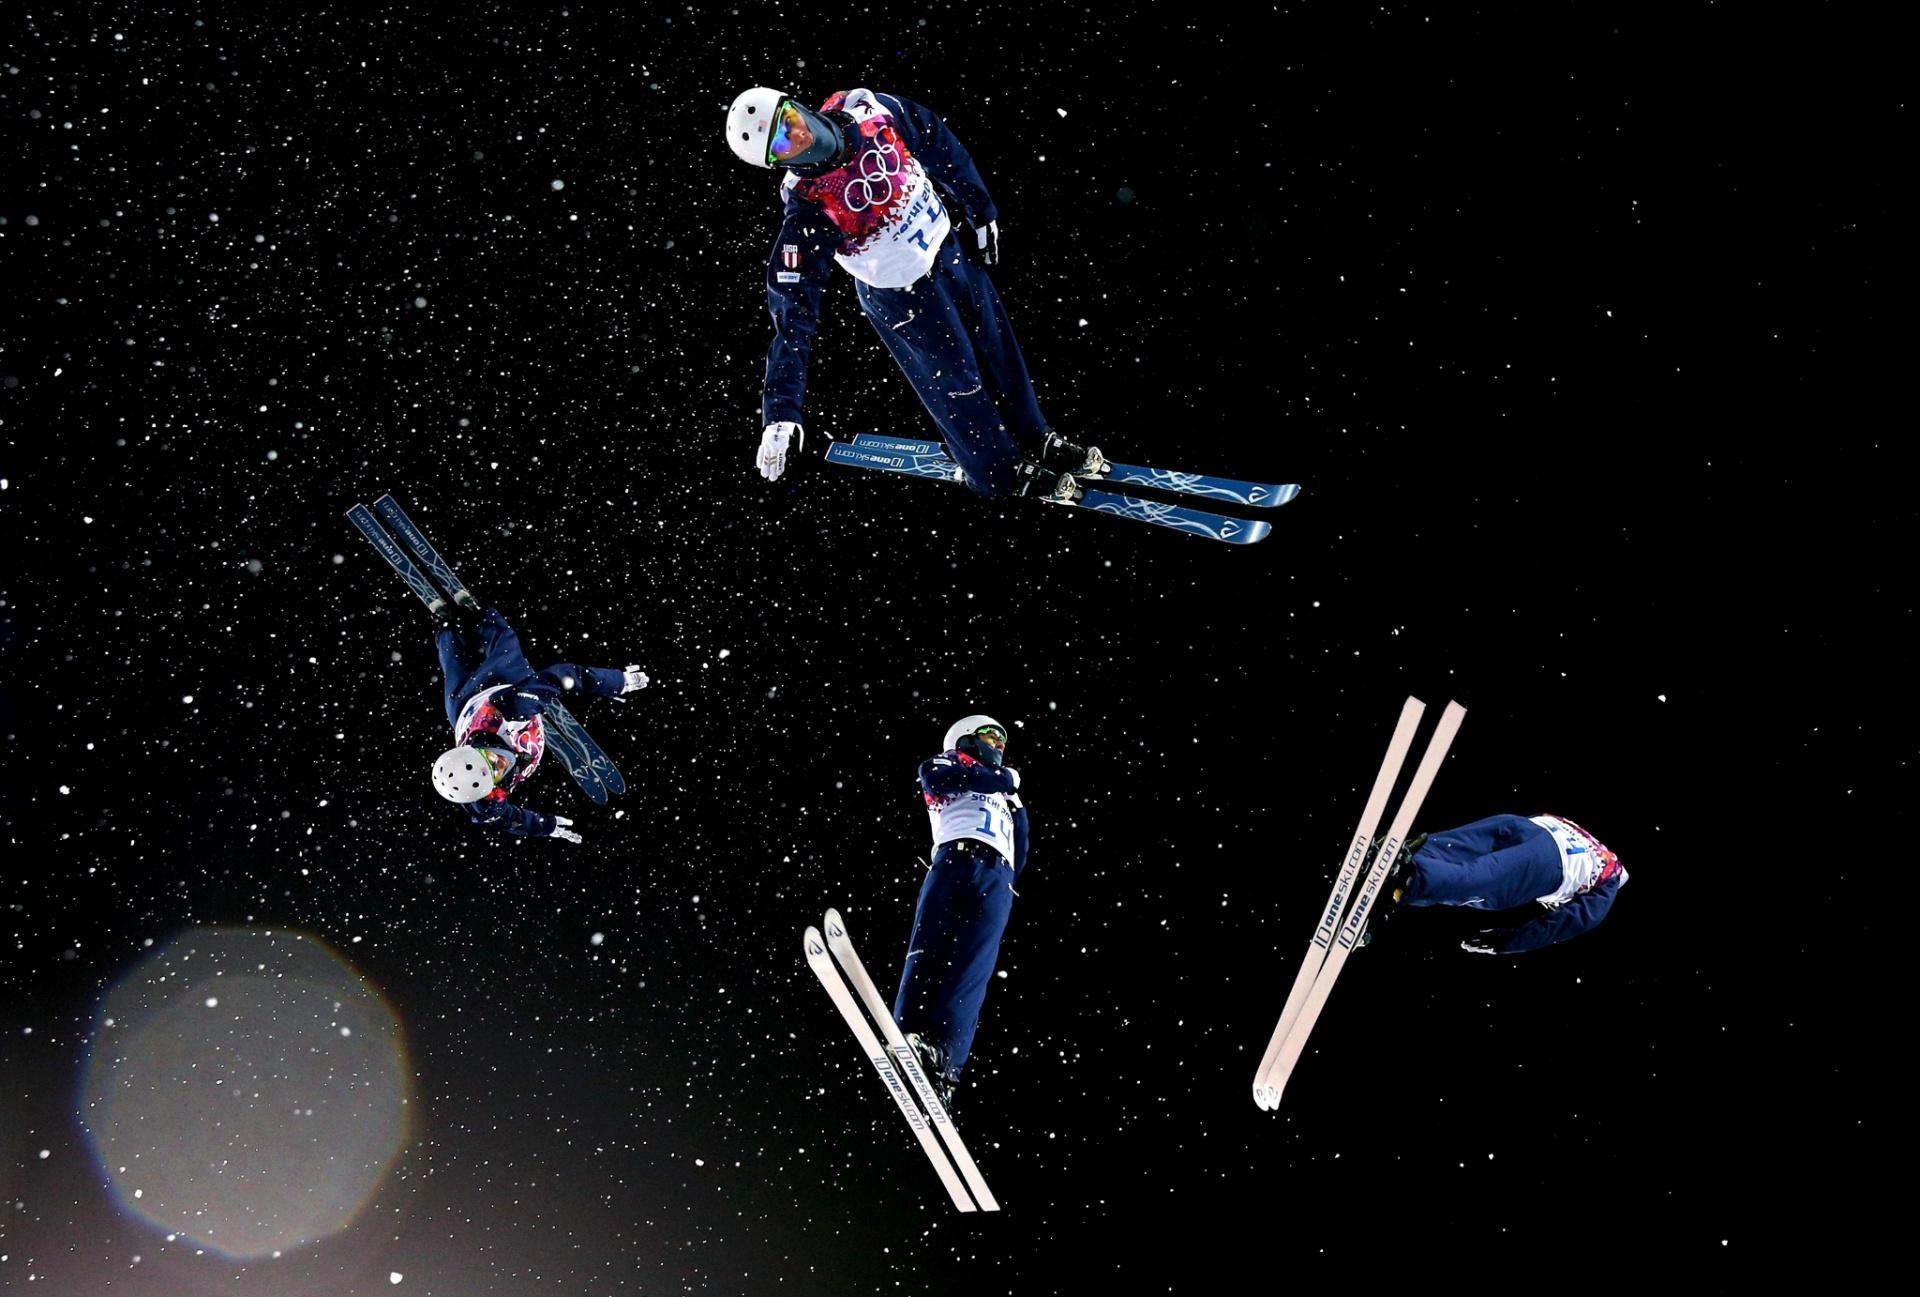 17.02.14 - Montagem mostra diversos movimentos do americano Mac Bohonnon na final do esqui aerials nesta segunda-feira